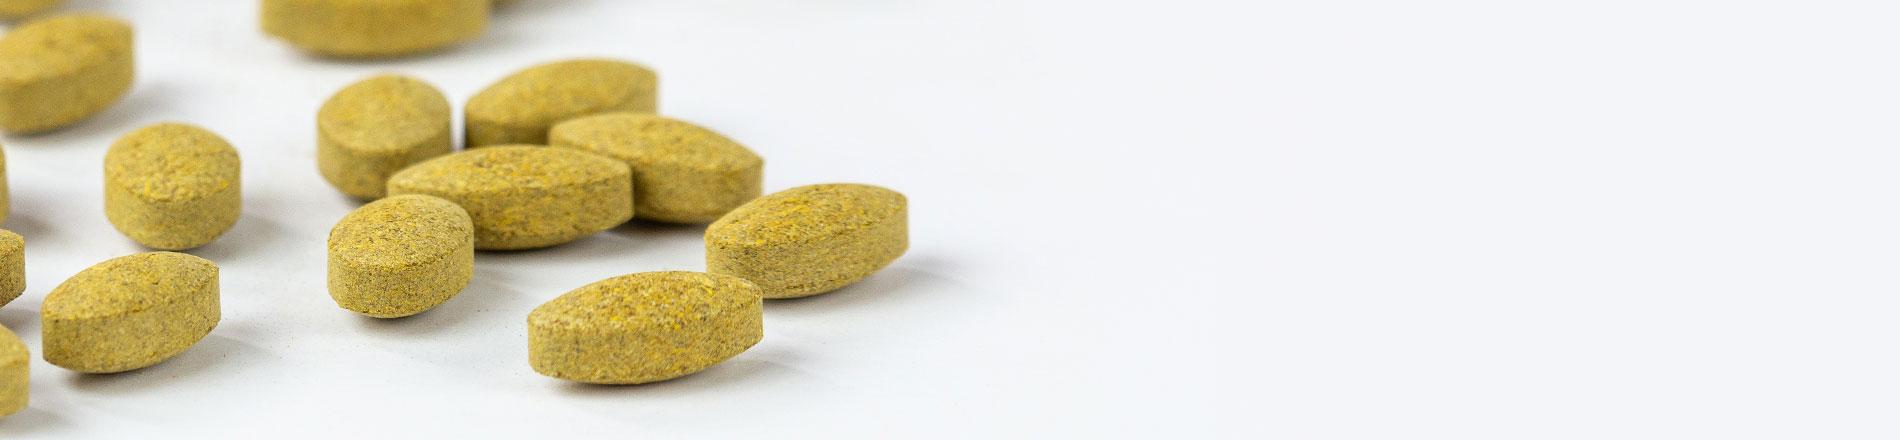 Healthy Kapha tablets